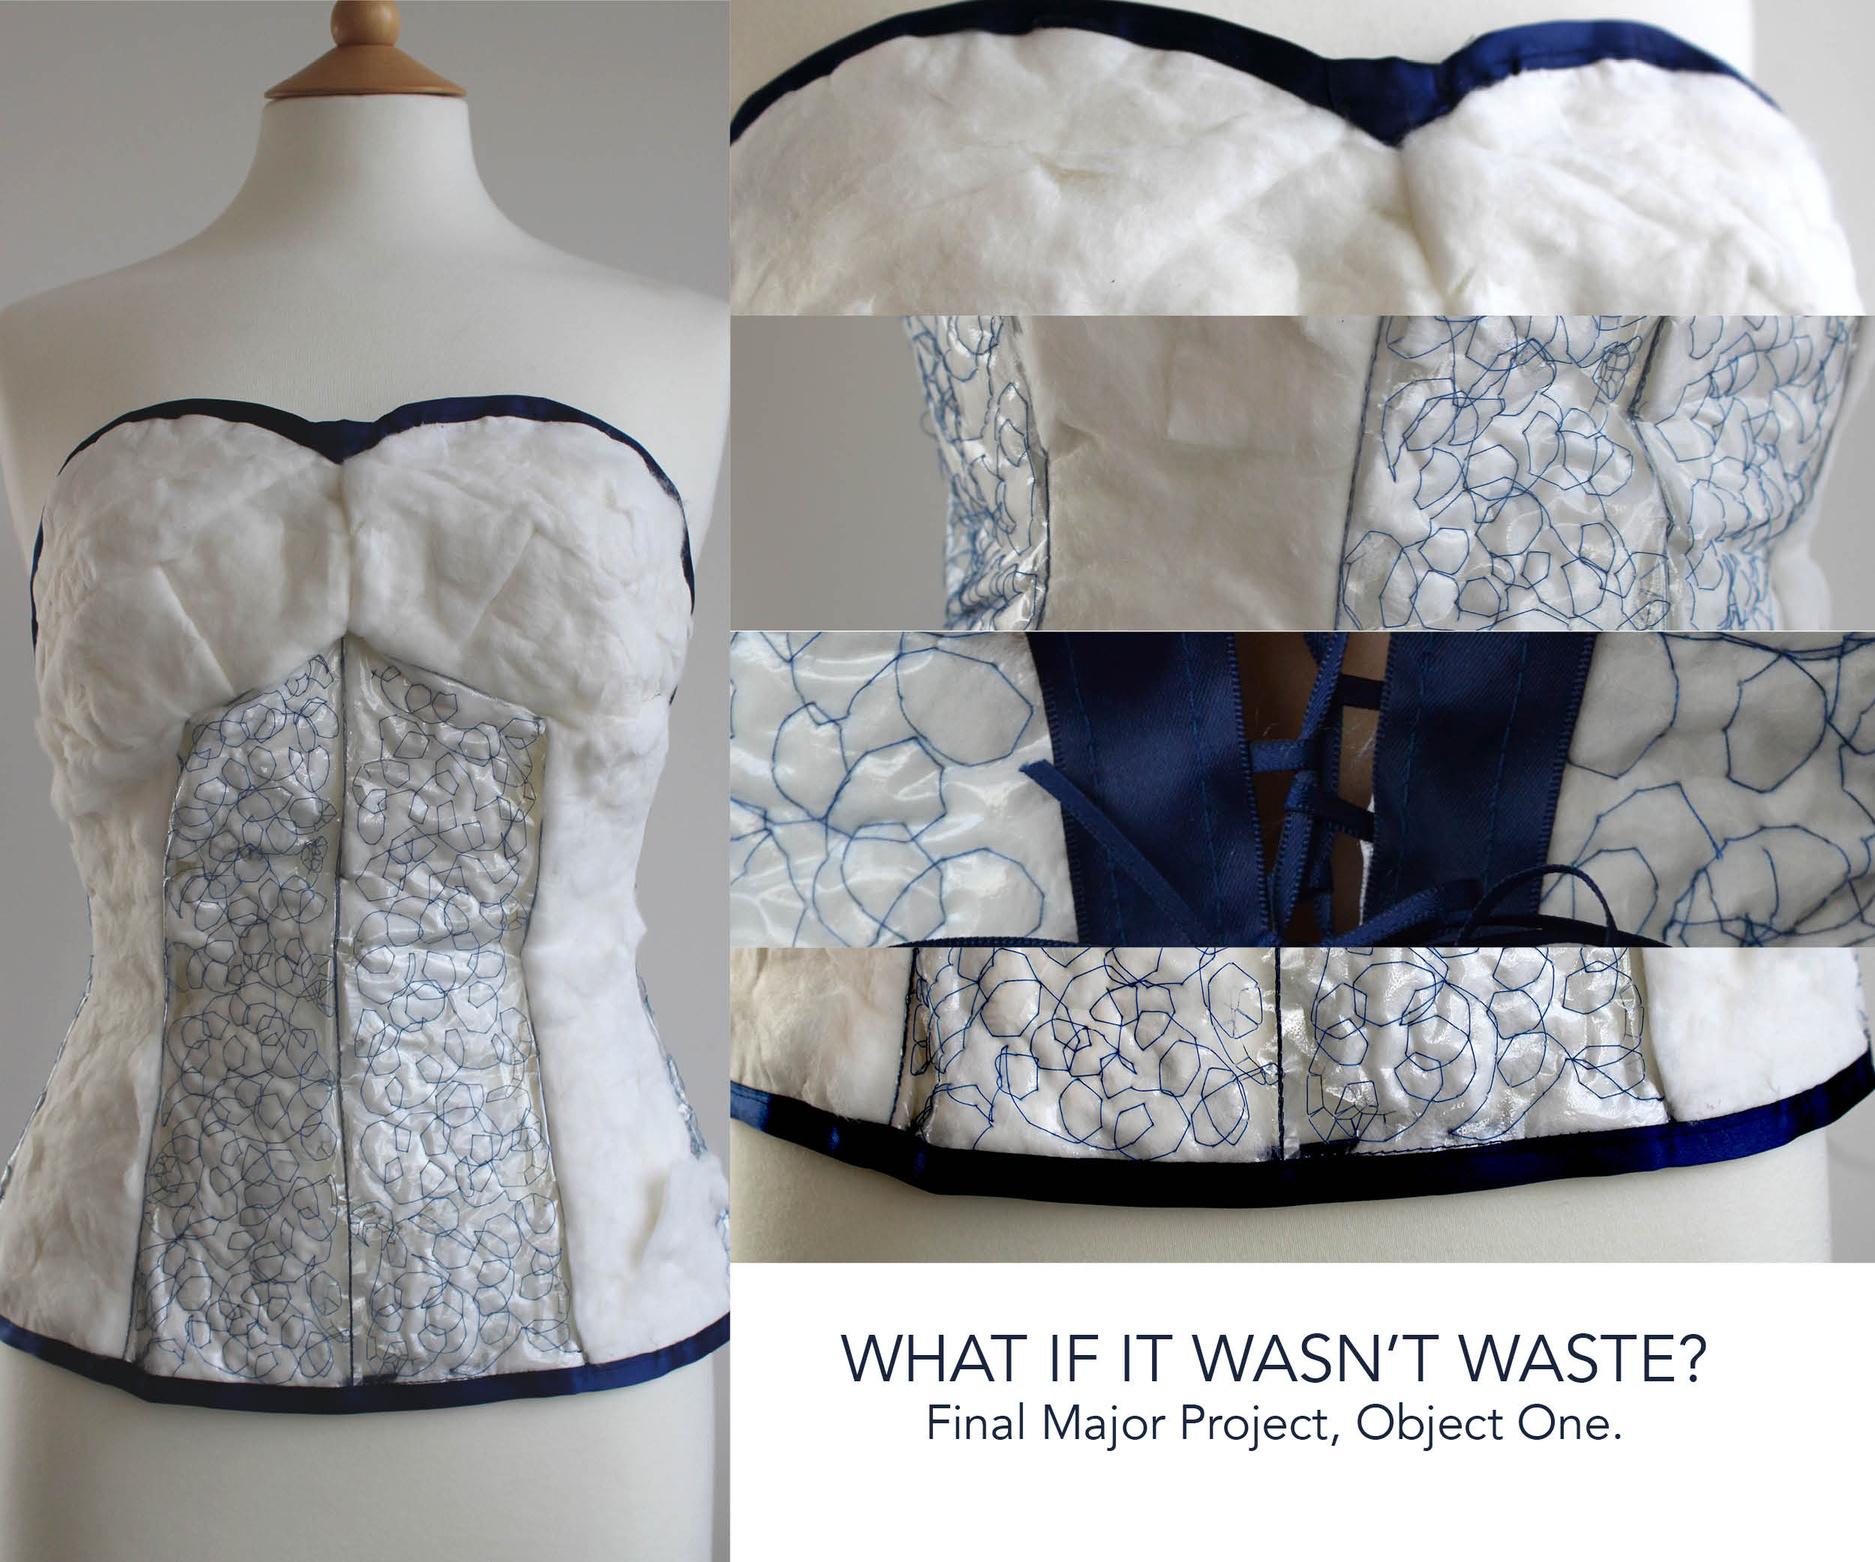 WHAT IF IT WASN'T WASTE? - Final Major